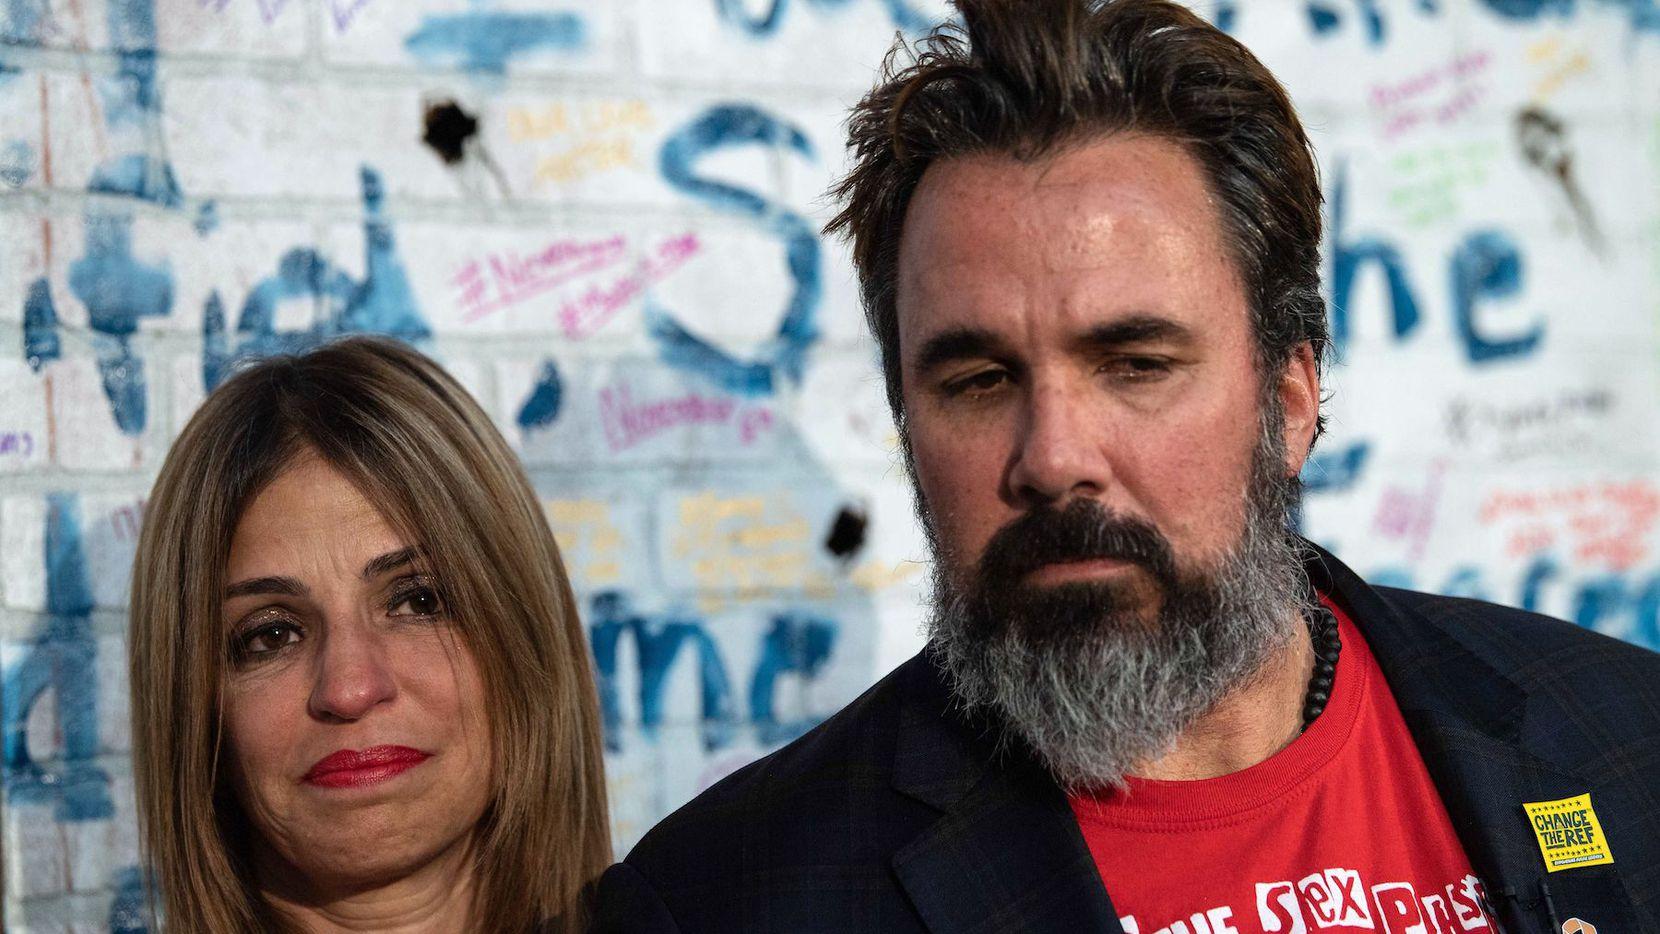 Manny Oliver y su esposa  Patricia, padres del joven Joaquín Oliver, una de las víctimas del tiroteo en la  Stoneman Douglas High, en esta ciudad. (NICHOLAS KAMM / GETTY IMAGES)